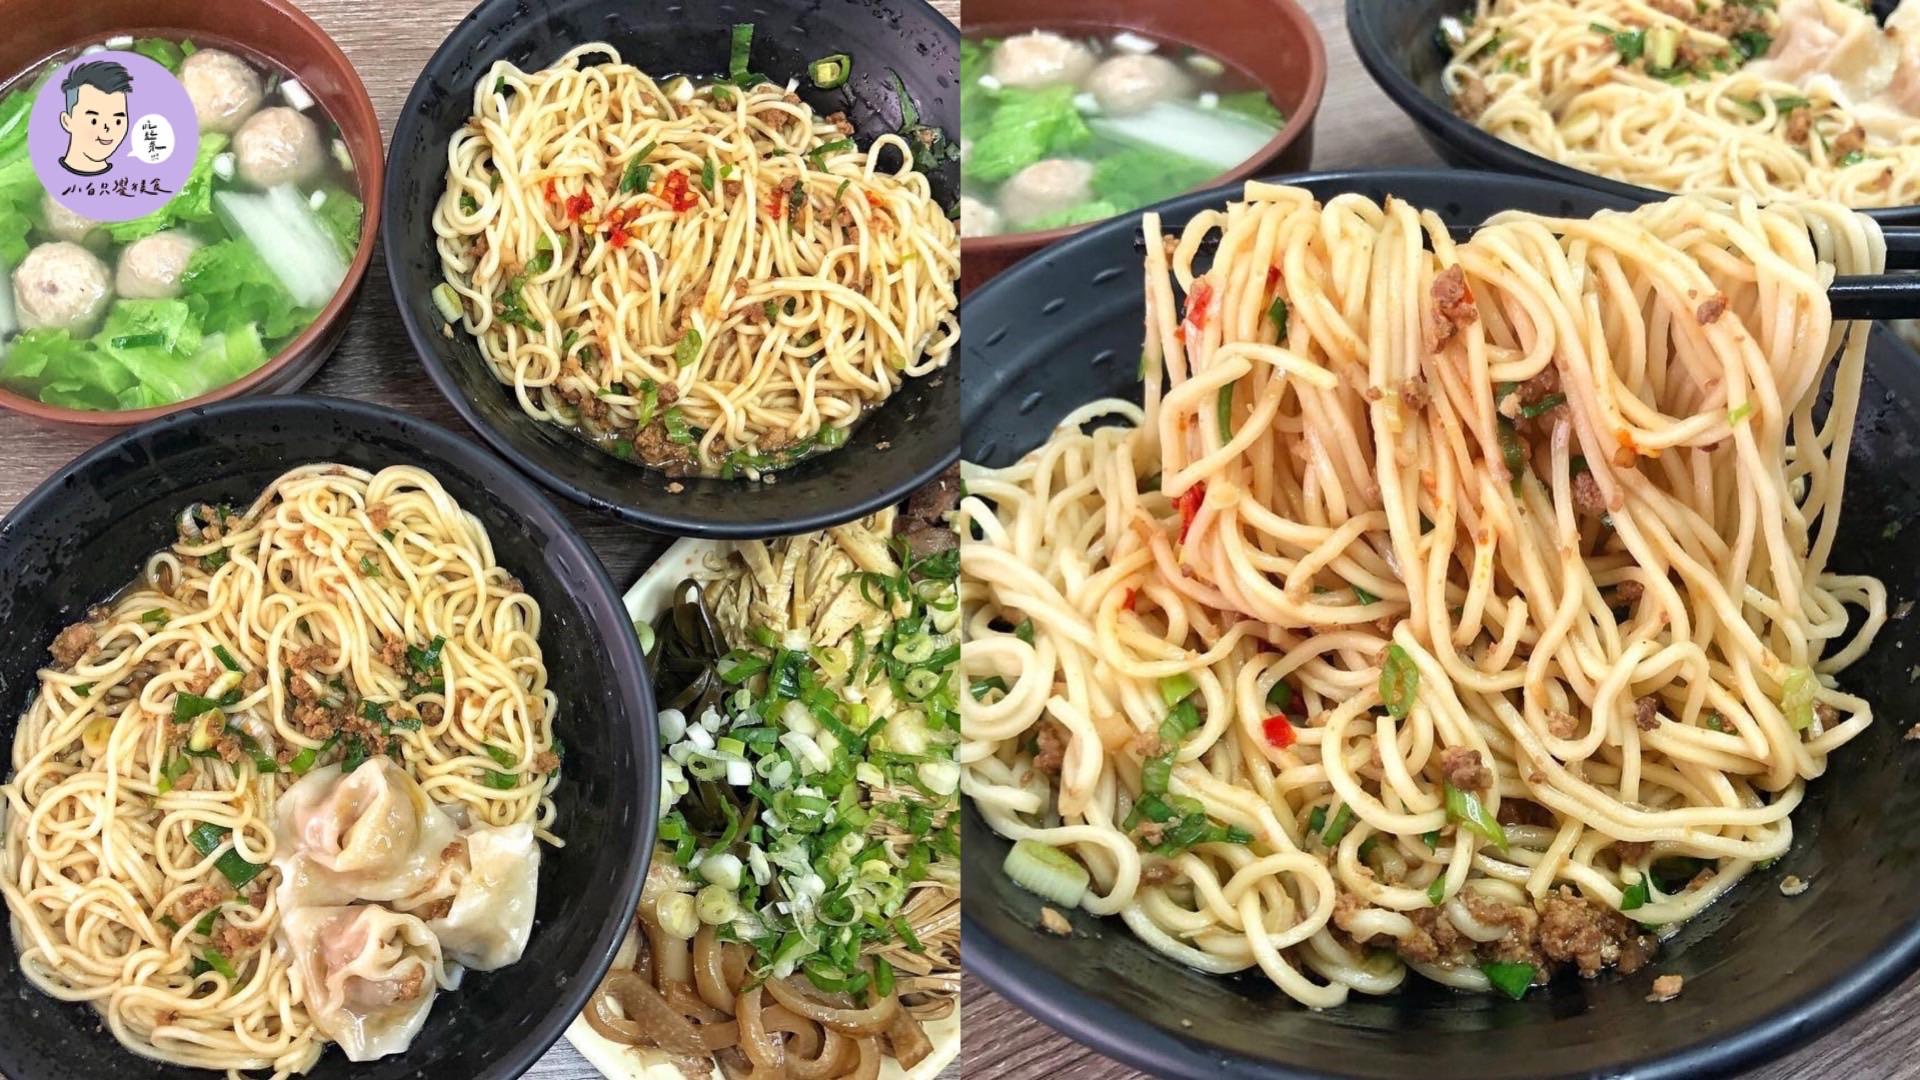 【台南美食】江鎮麵館 安平啞巴麵店竟然有分店?就開在台南東區!內用還有冷氣吹